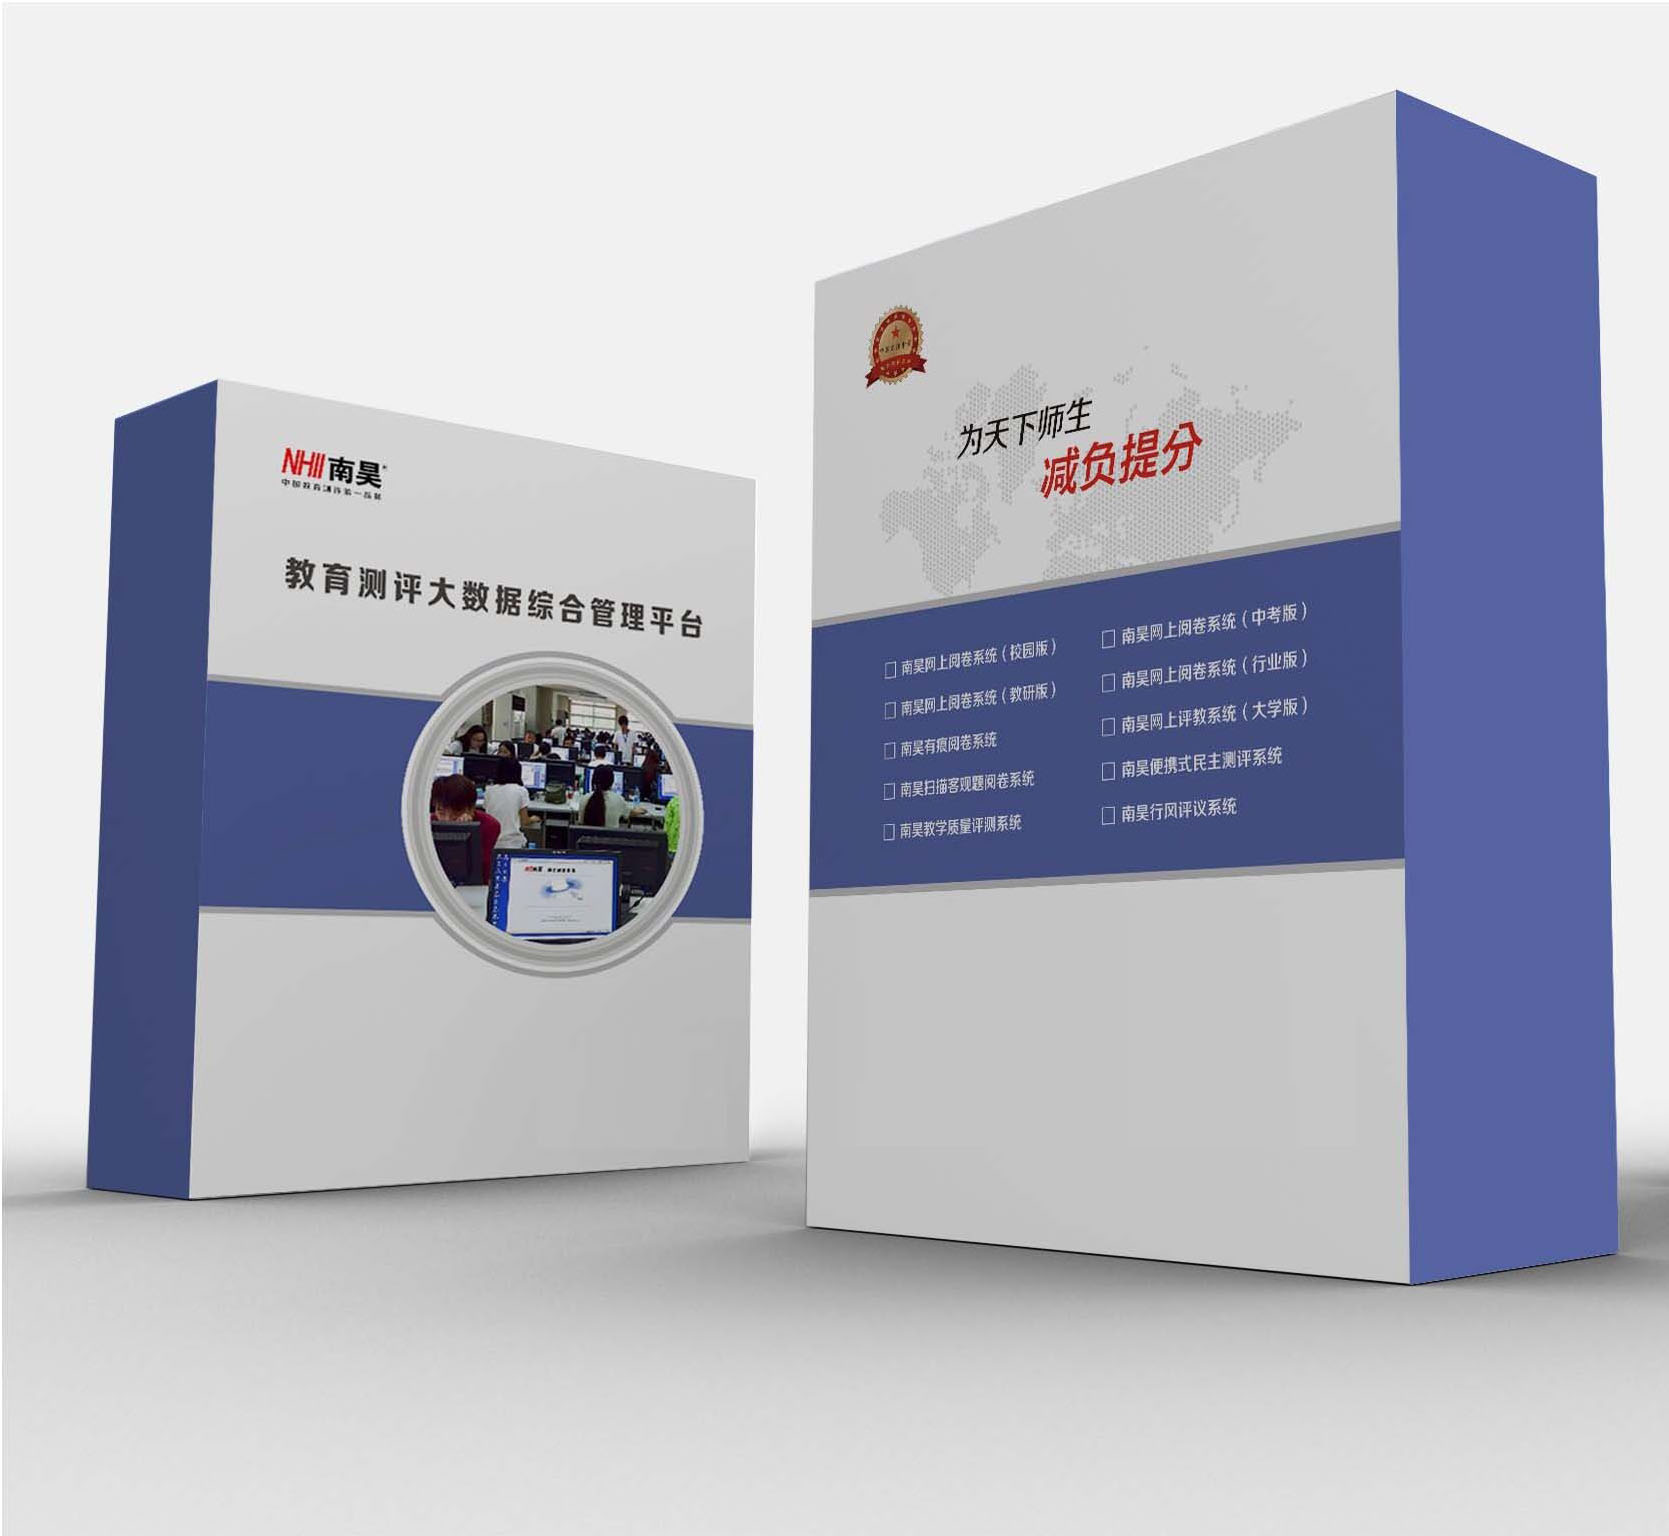 分宜网上阅卷系统 物超所值网上阅卷系统厂家|行业资讯-河北省南昊高新技术开发有限公司